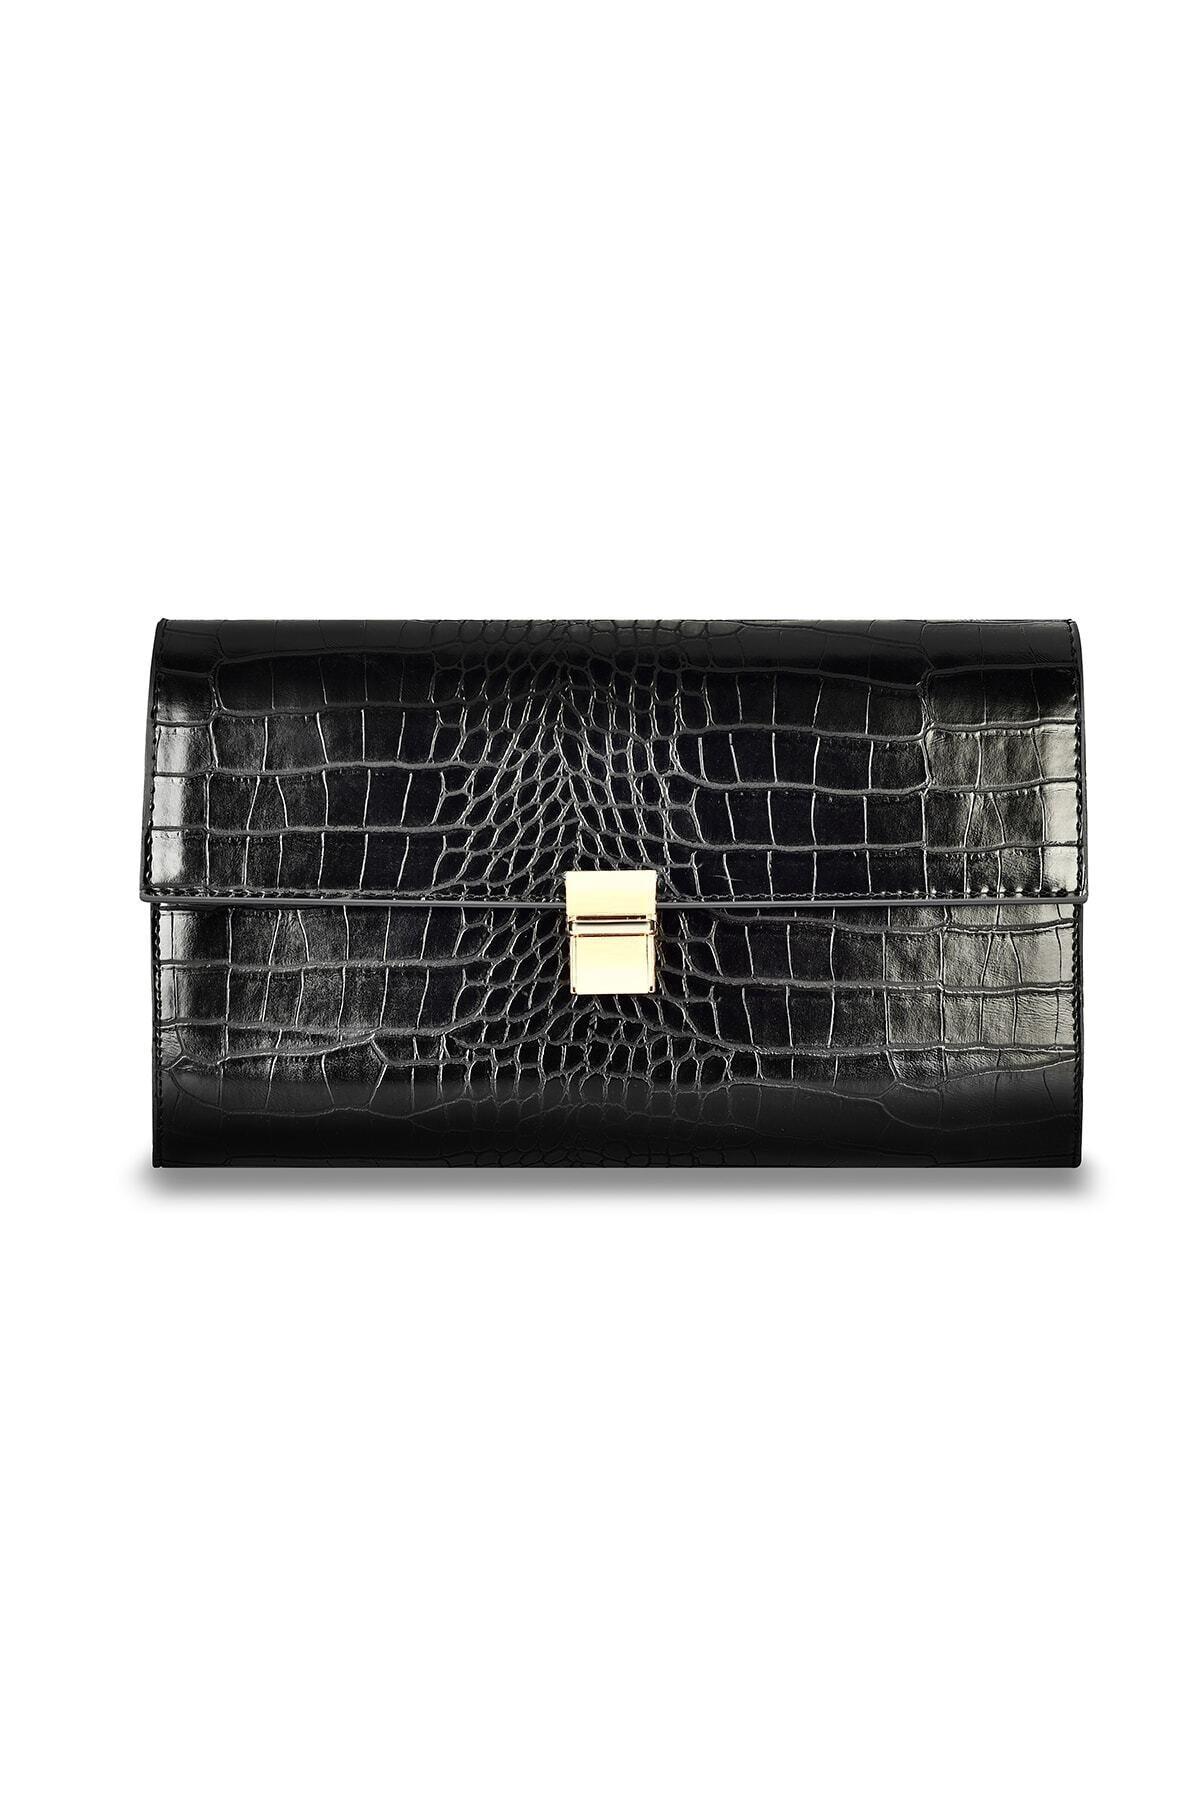 Coquet Accessories Kadın Siyah El Çantası 19g3u13n831 1